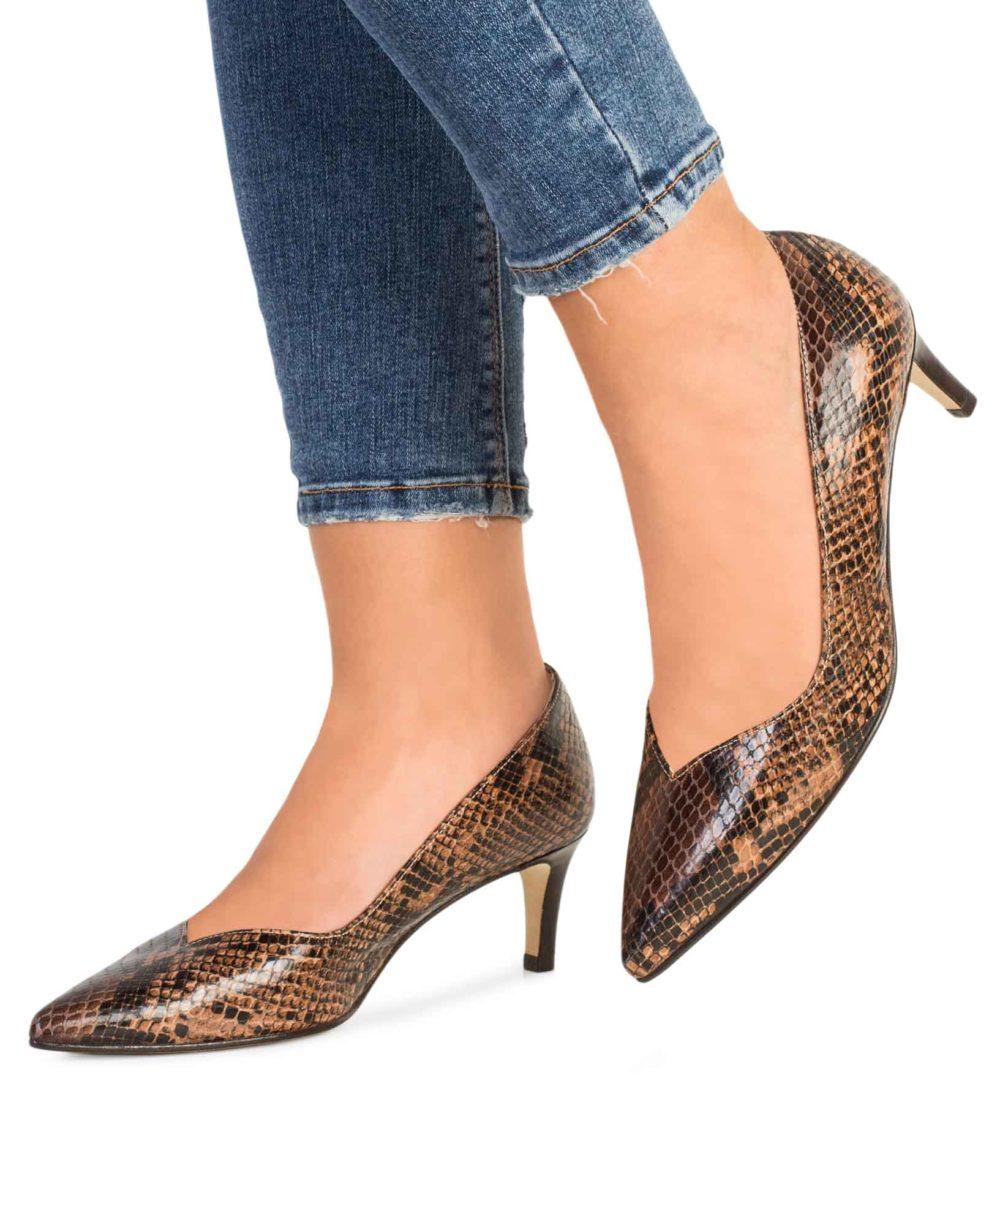 Zapatos de salón Paco Gil en serpiente marrón, tacón bajo. Foto con pies